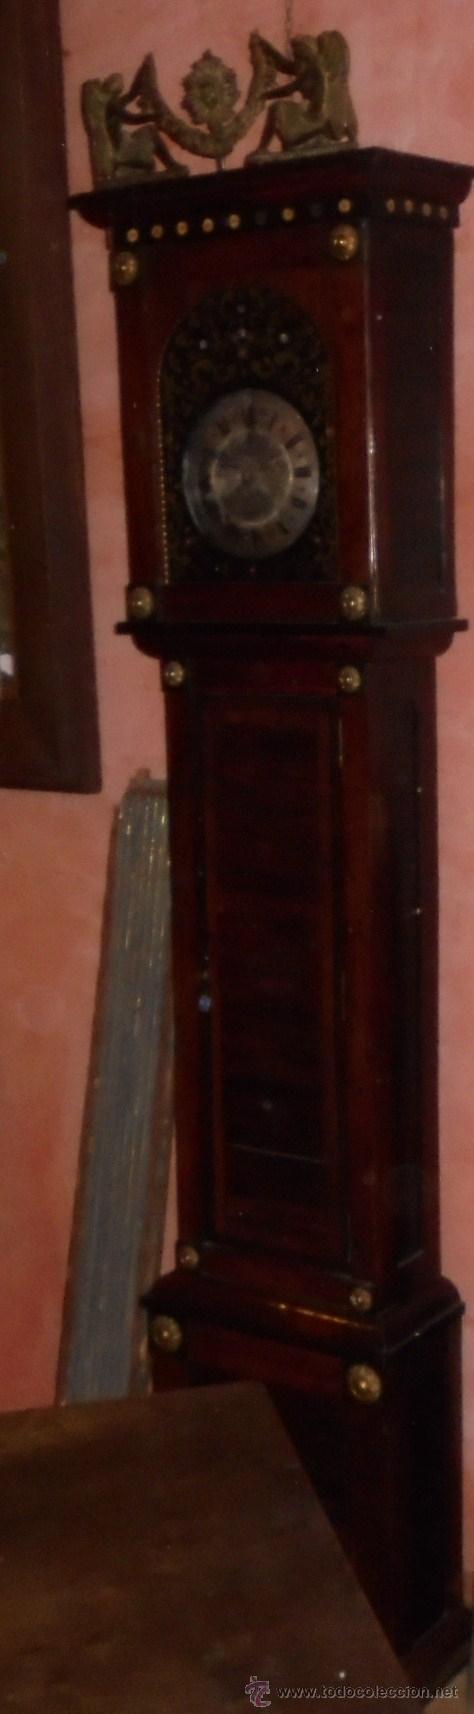 Relojes de pie: Reloj del SXVIII. - Foto 26 - 54301046